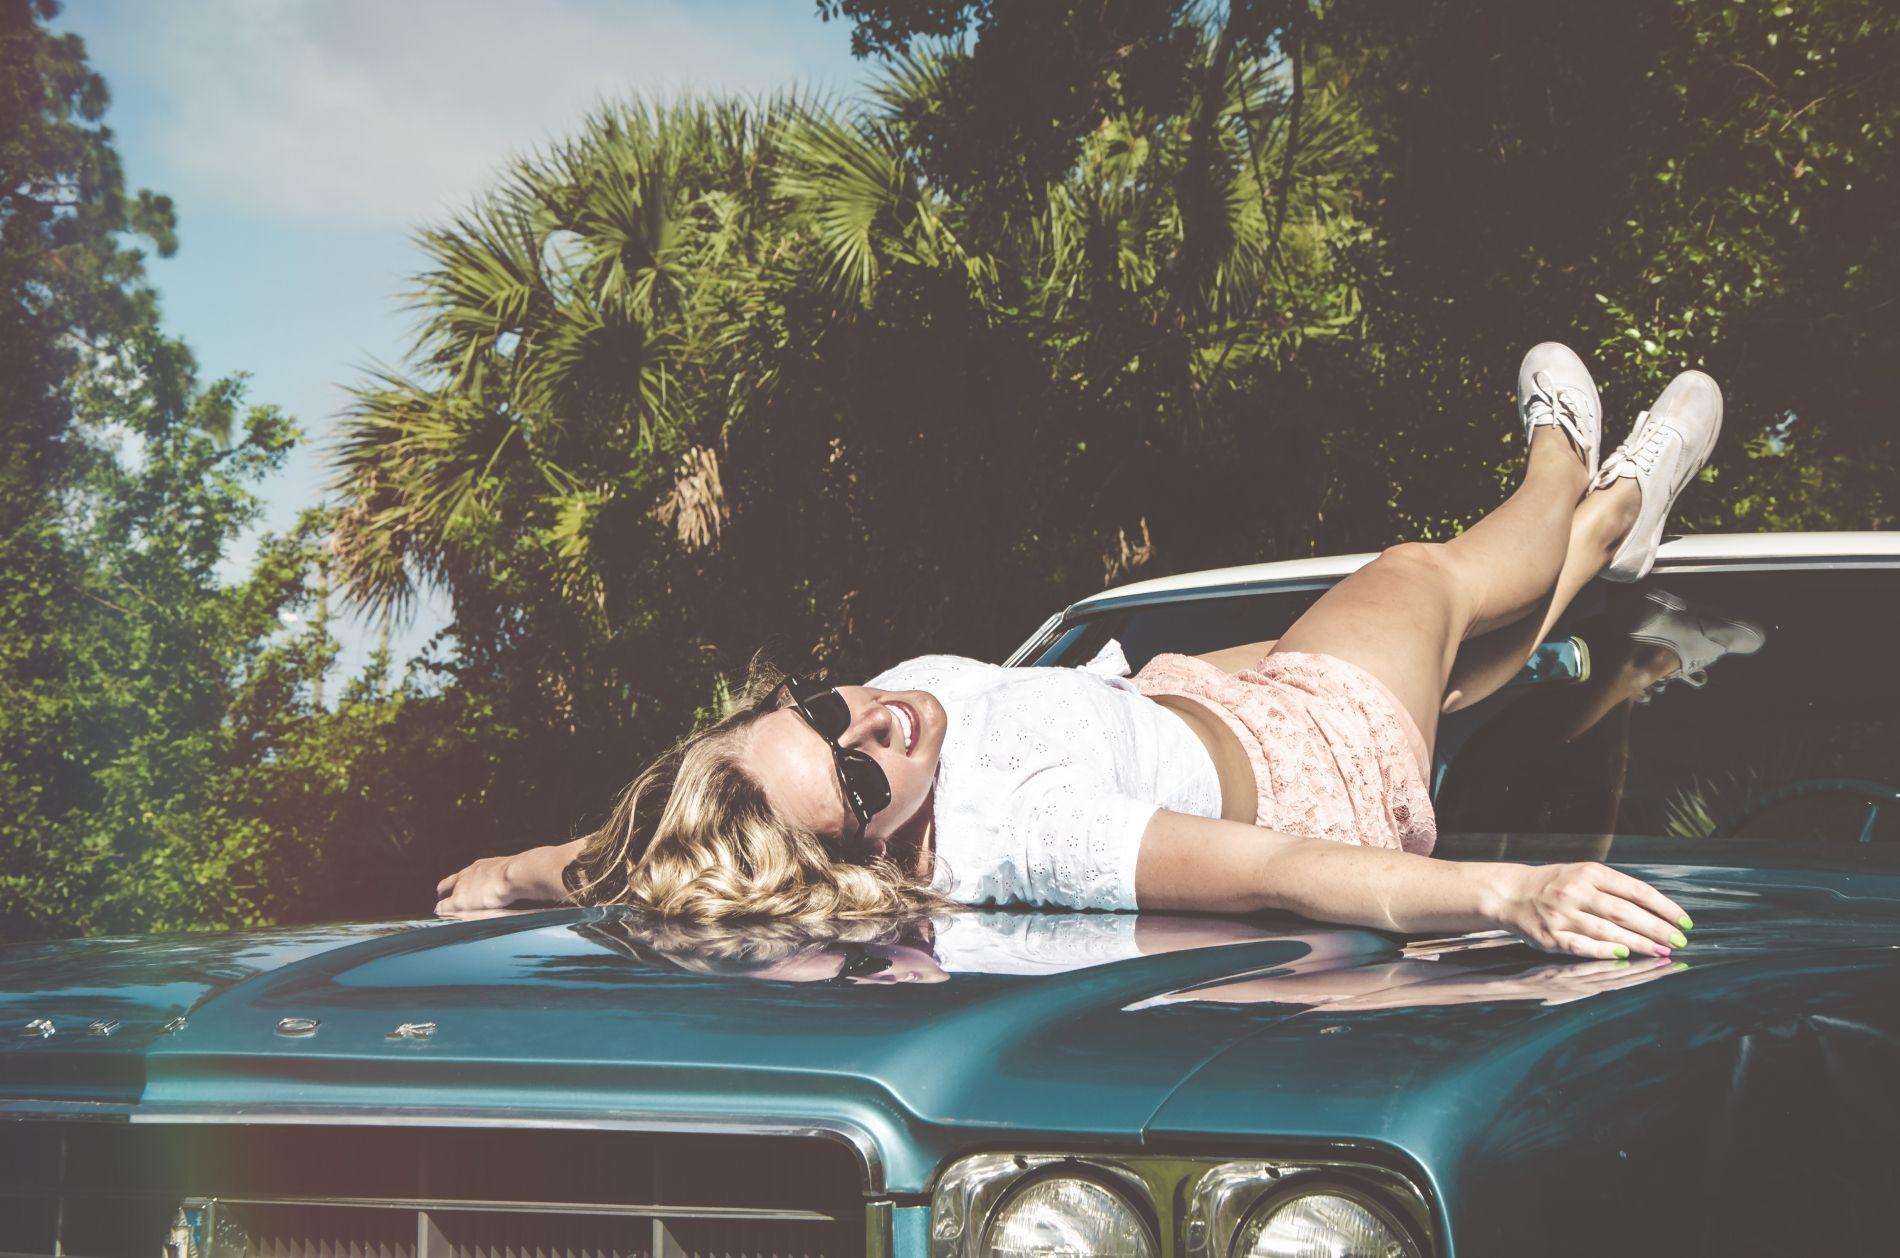 Poletje - vzdrževanje sončnih očal